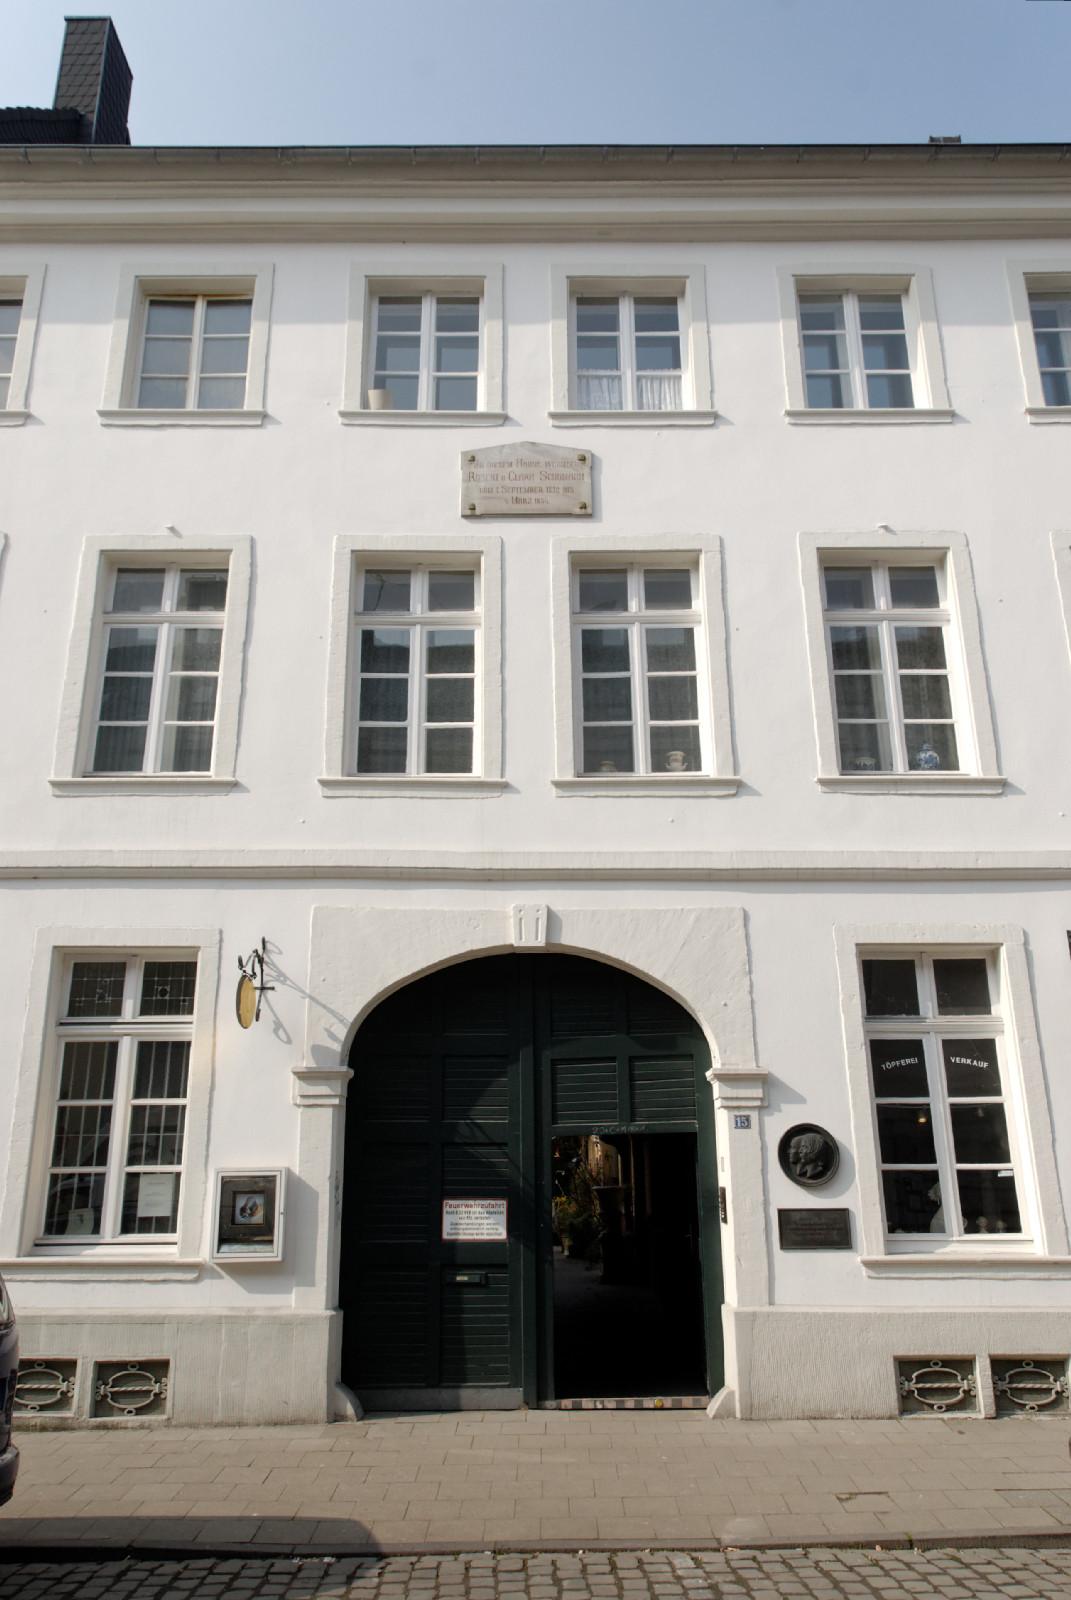 Schumannhaus Dsseldorf  Wikipedia